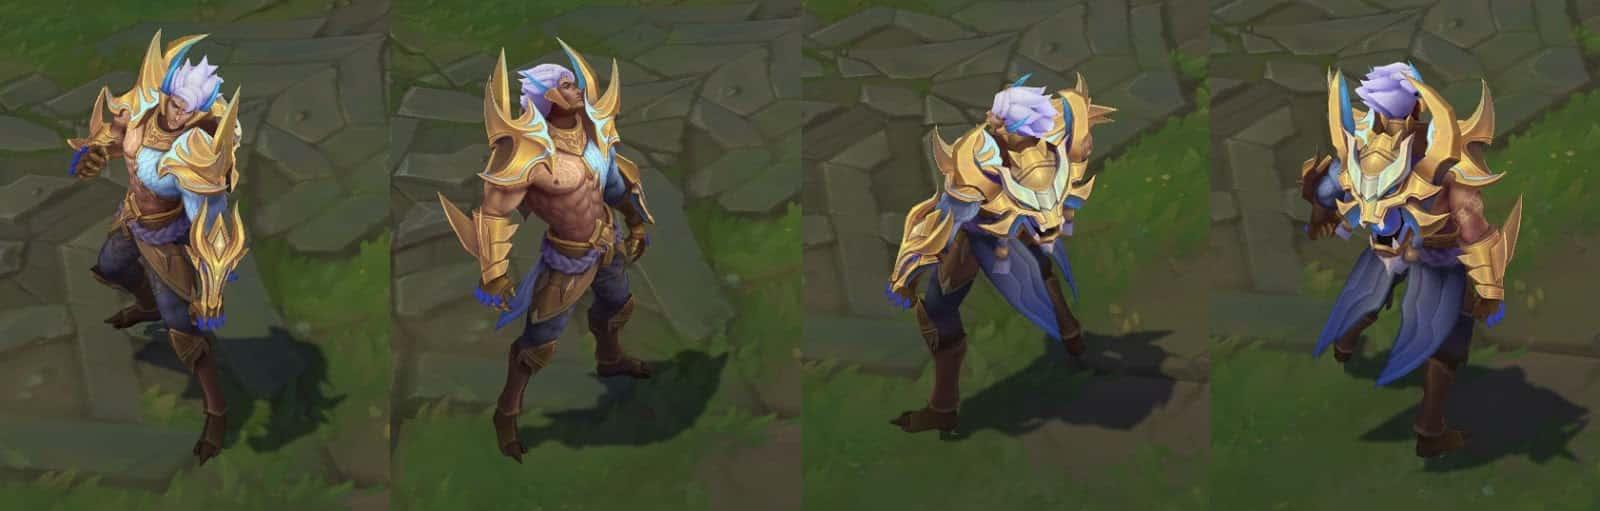 lol-skin-pbe-sett-dracomancien-prestige